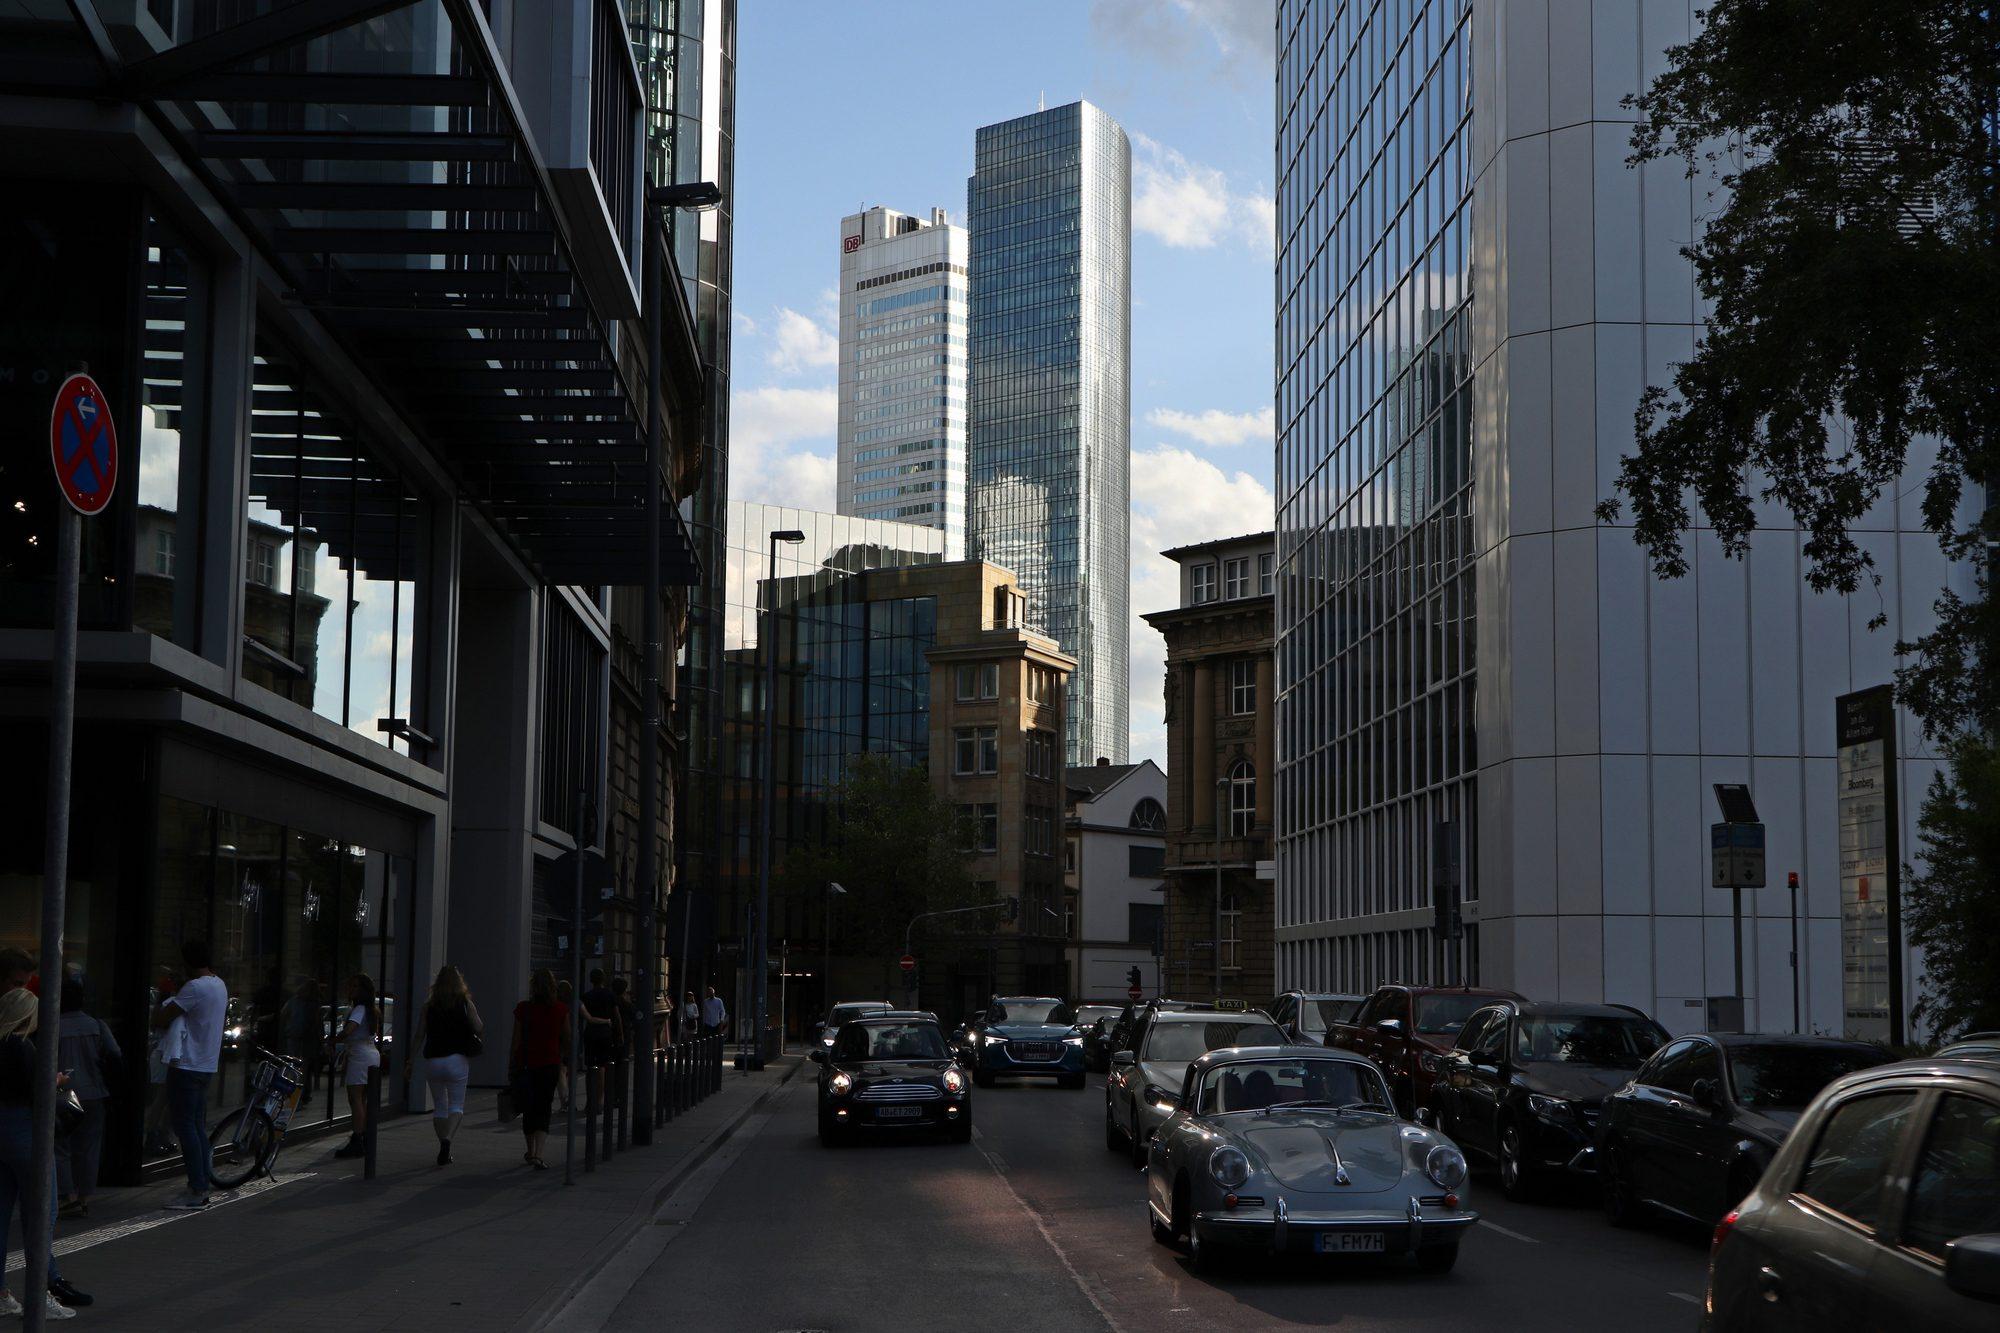 Straßenschlucht in Frankfurt am Main